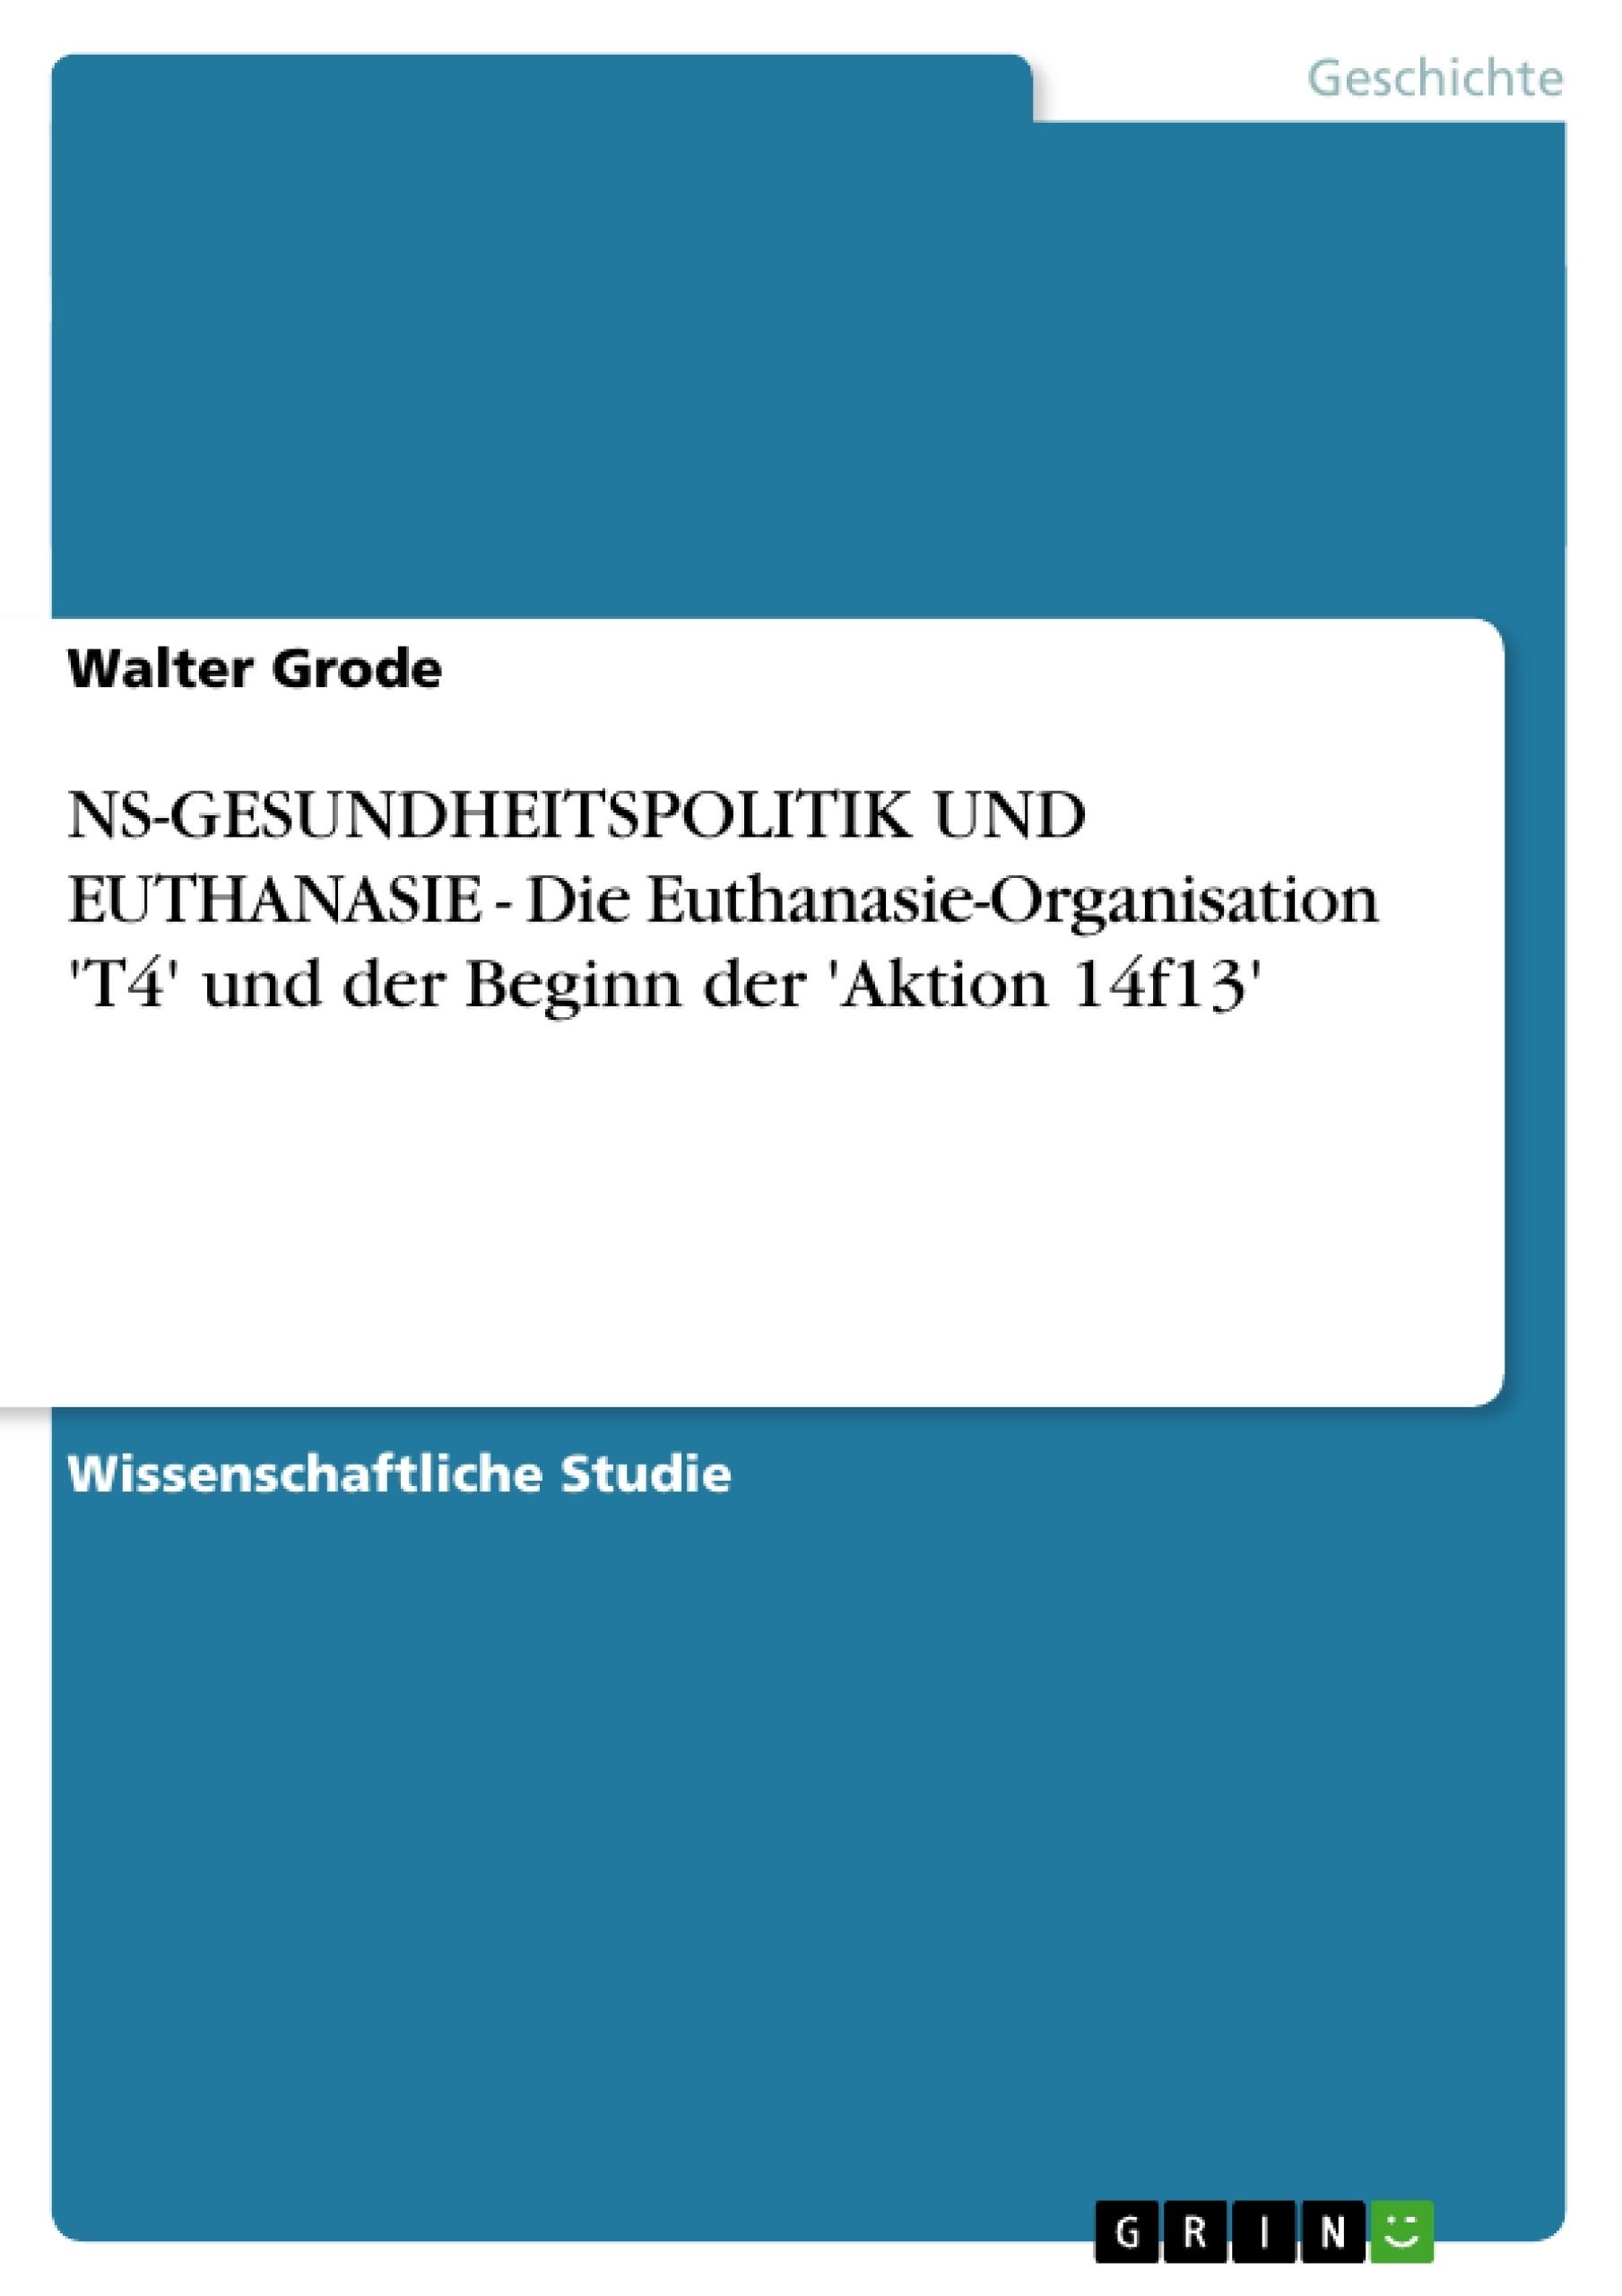 Titel: NS-GESUNDHEITSPOLITIK  UND  EUTHANASIE -  Die Euthanasie-Organisation 'T4' und der Beginn der 'Aktion 14f13'